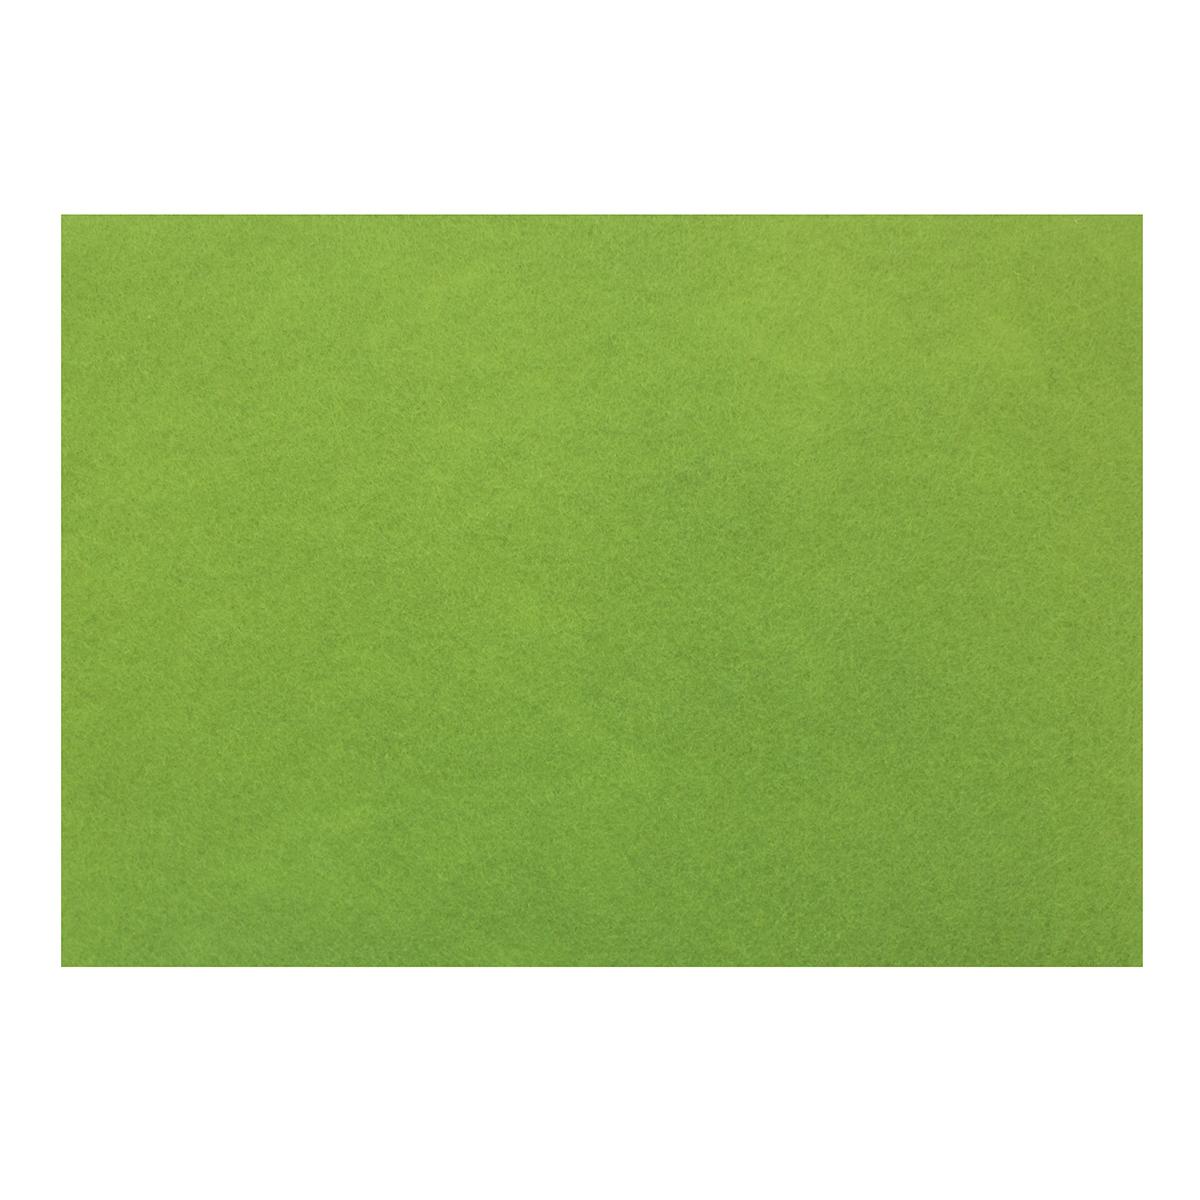 Фетр листовой Астра, цвет: салатовый, 20 х 30 см, 10 шт7708618_YF 674 салатовый